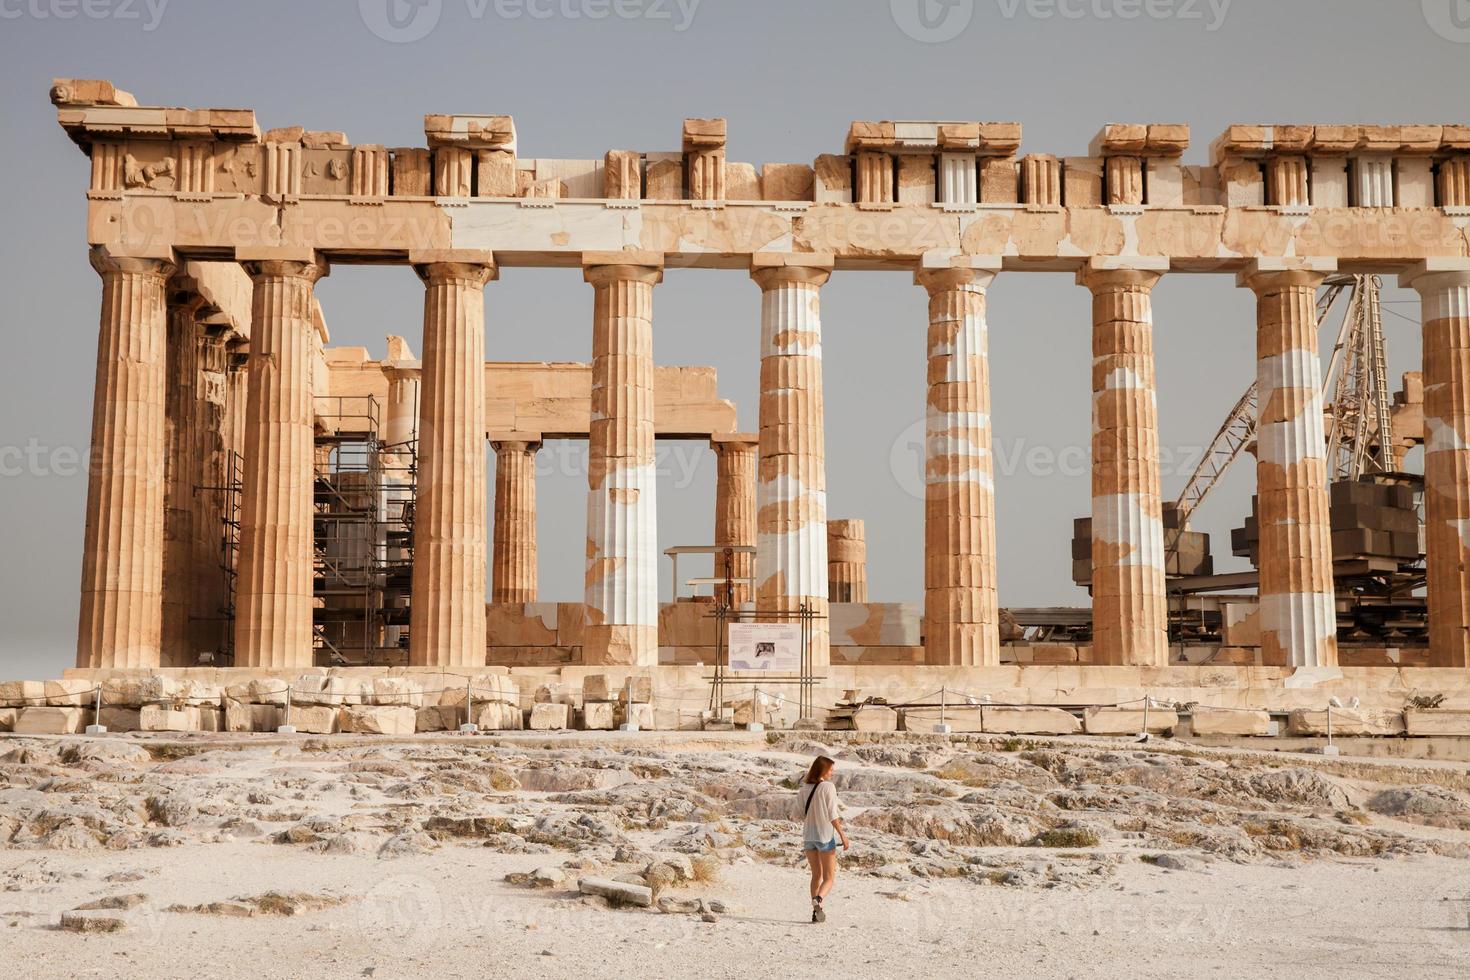 de toerist in de buurt van de Akropolis van Athene, Griekenland foto